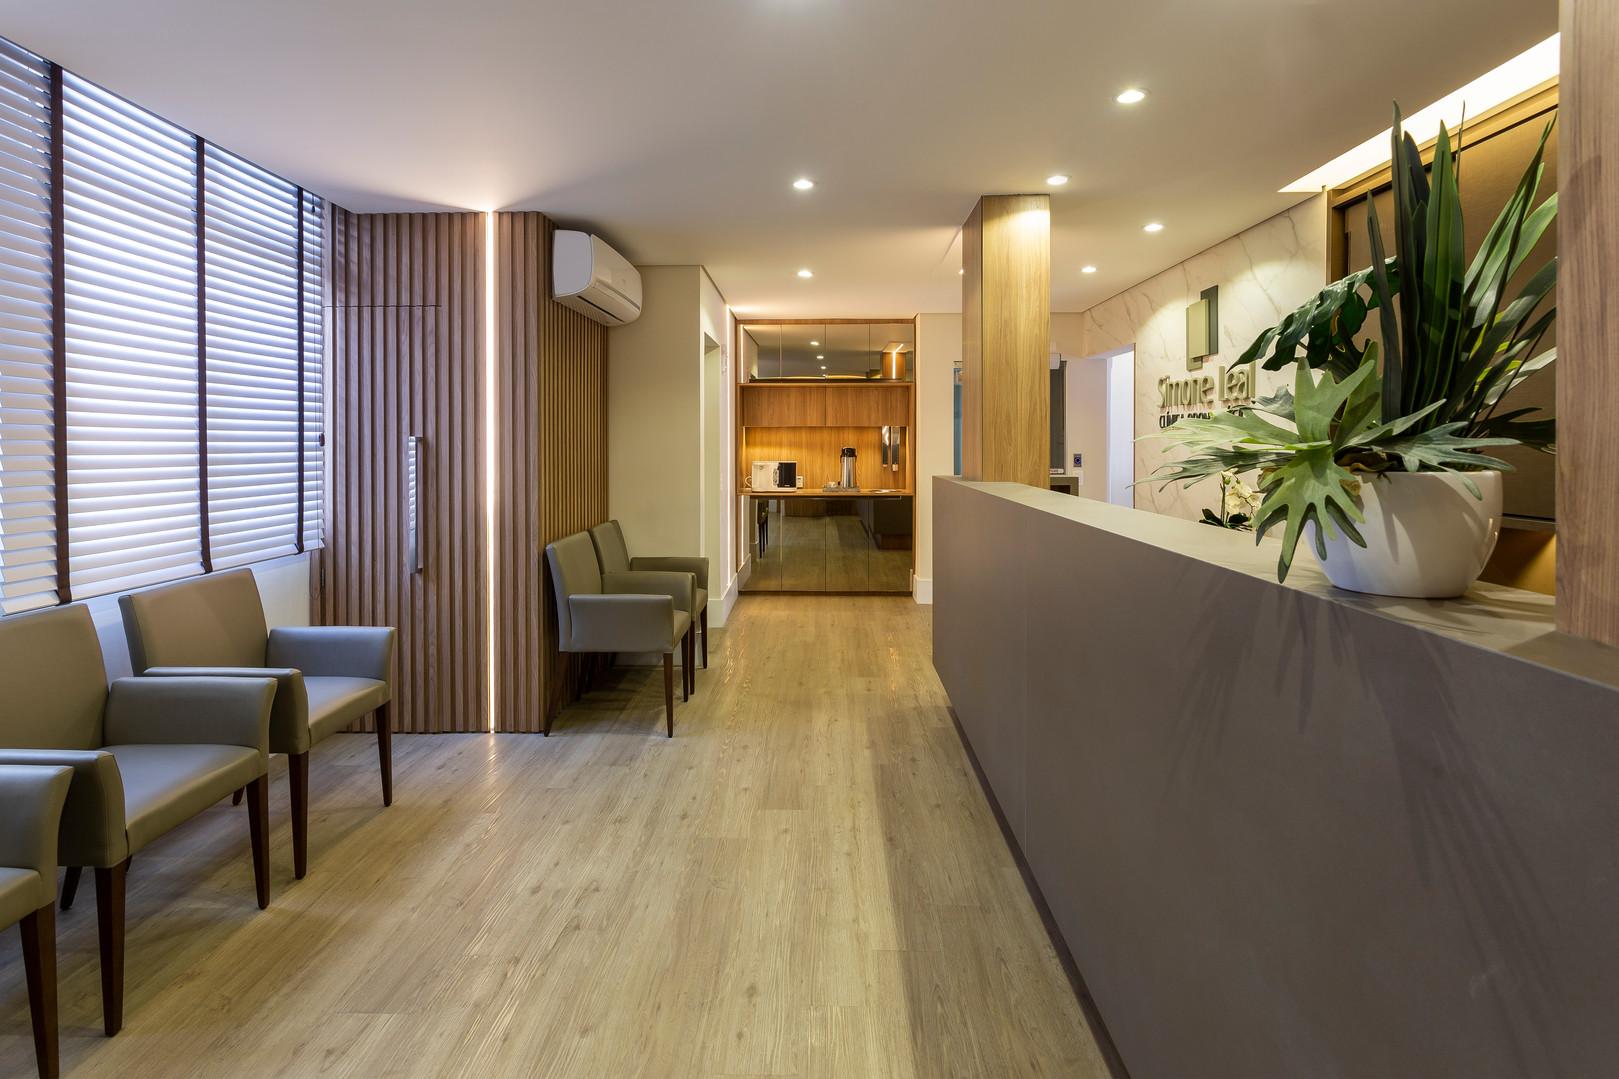 arquitetura clinica simone leal floripa